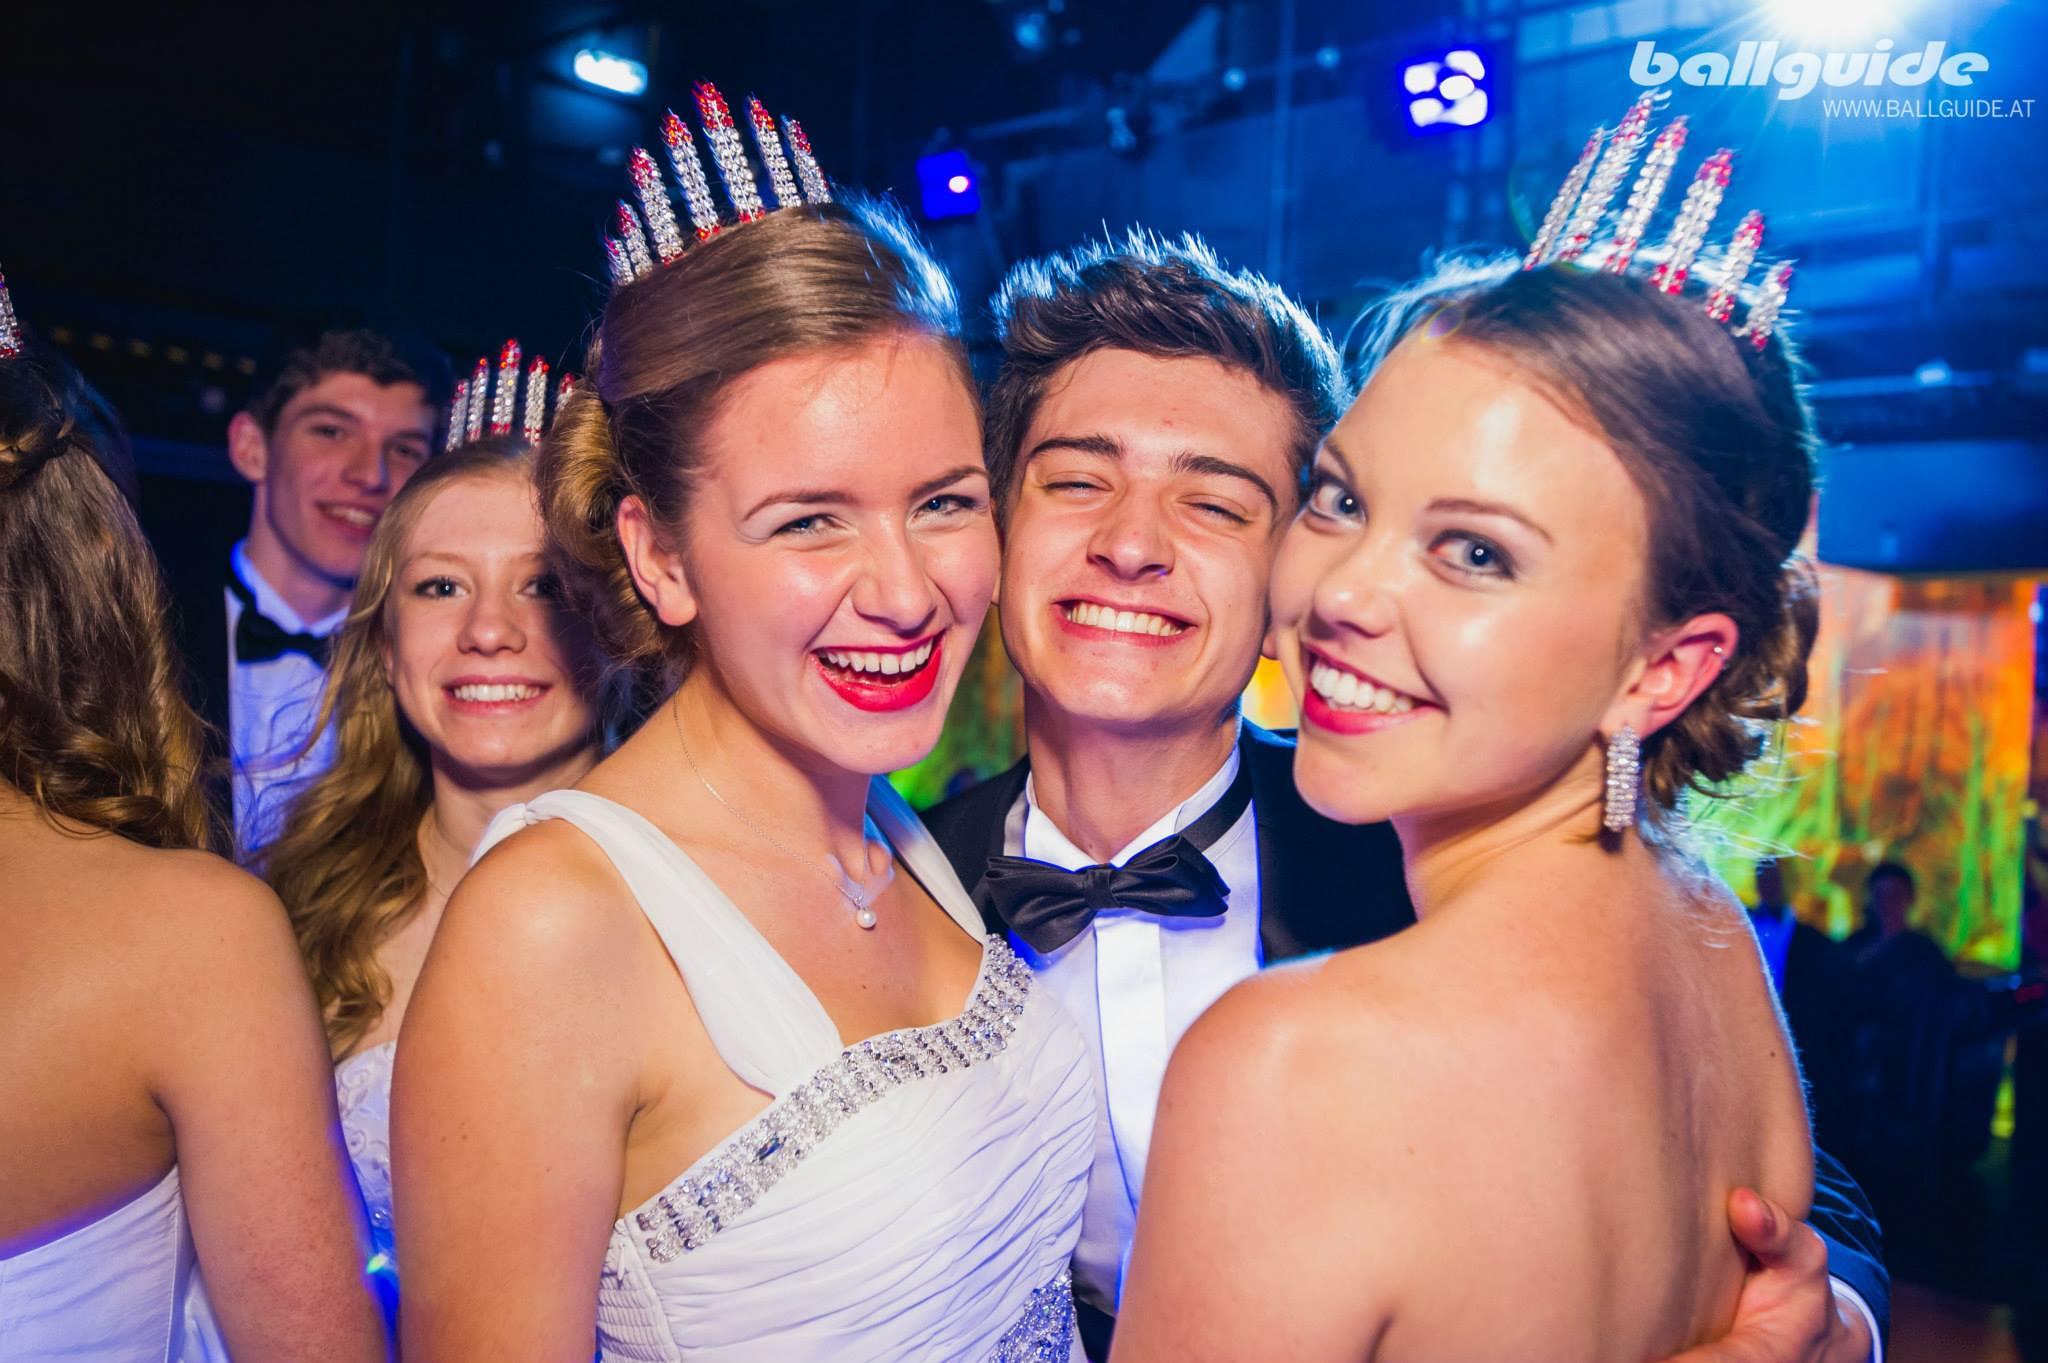 Tanzschule singles graz